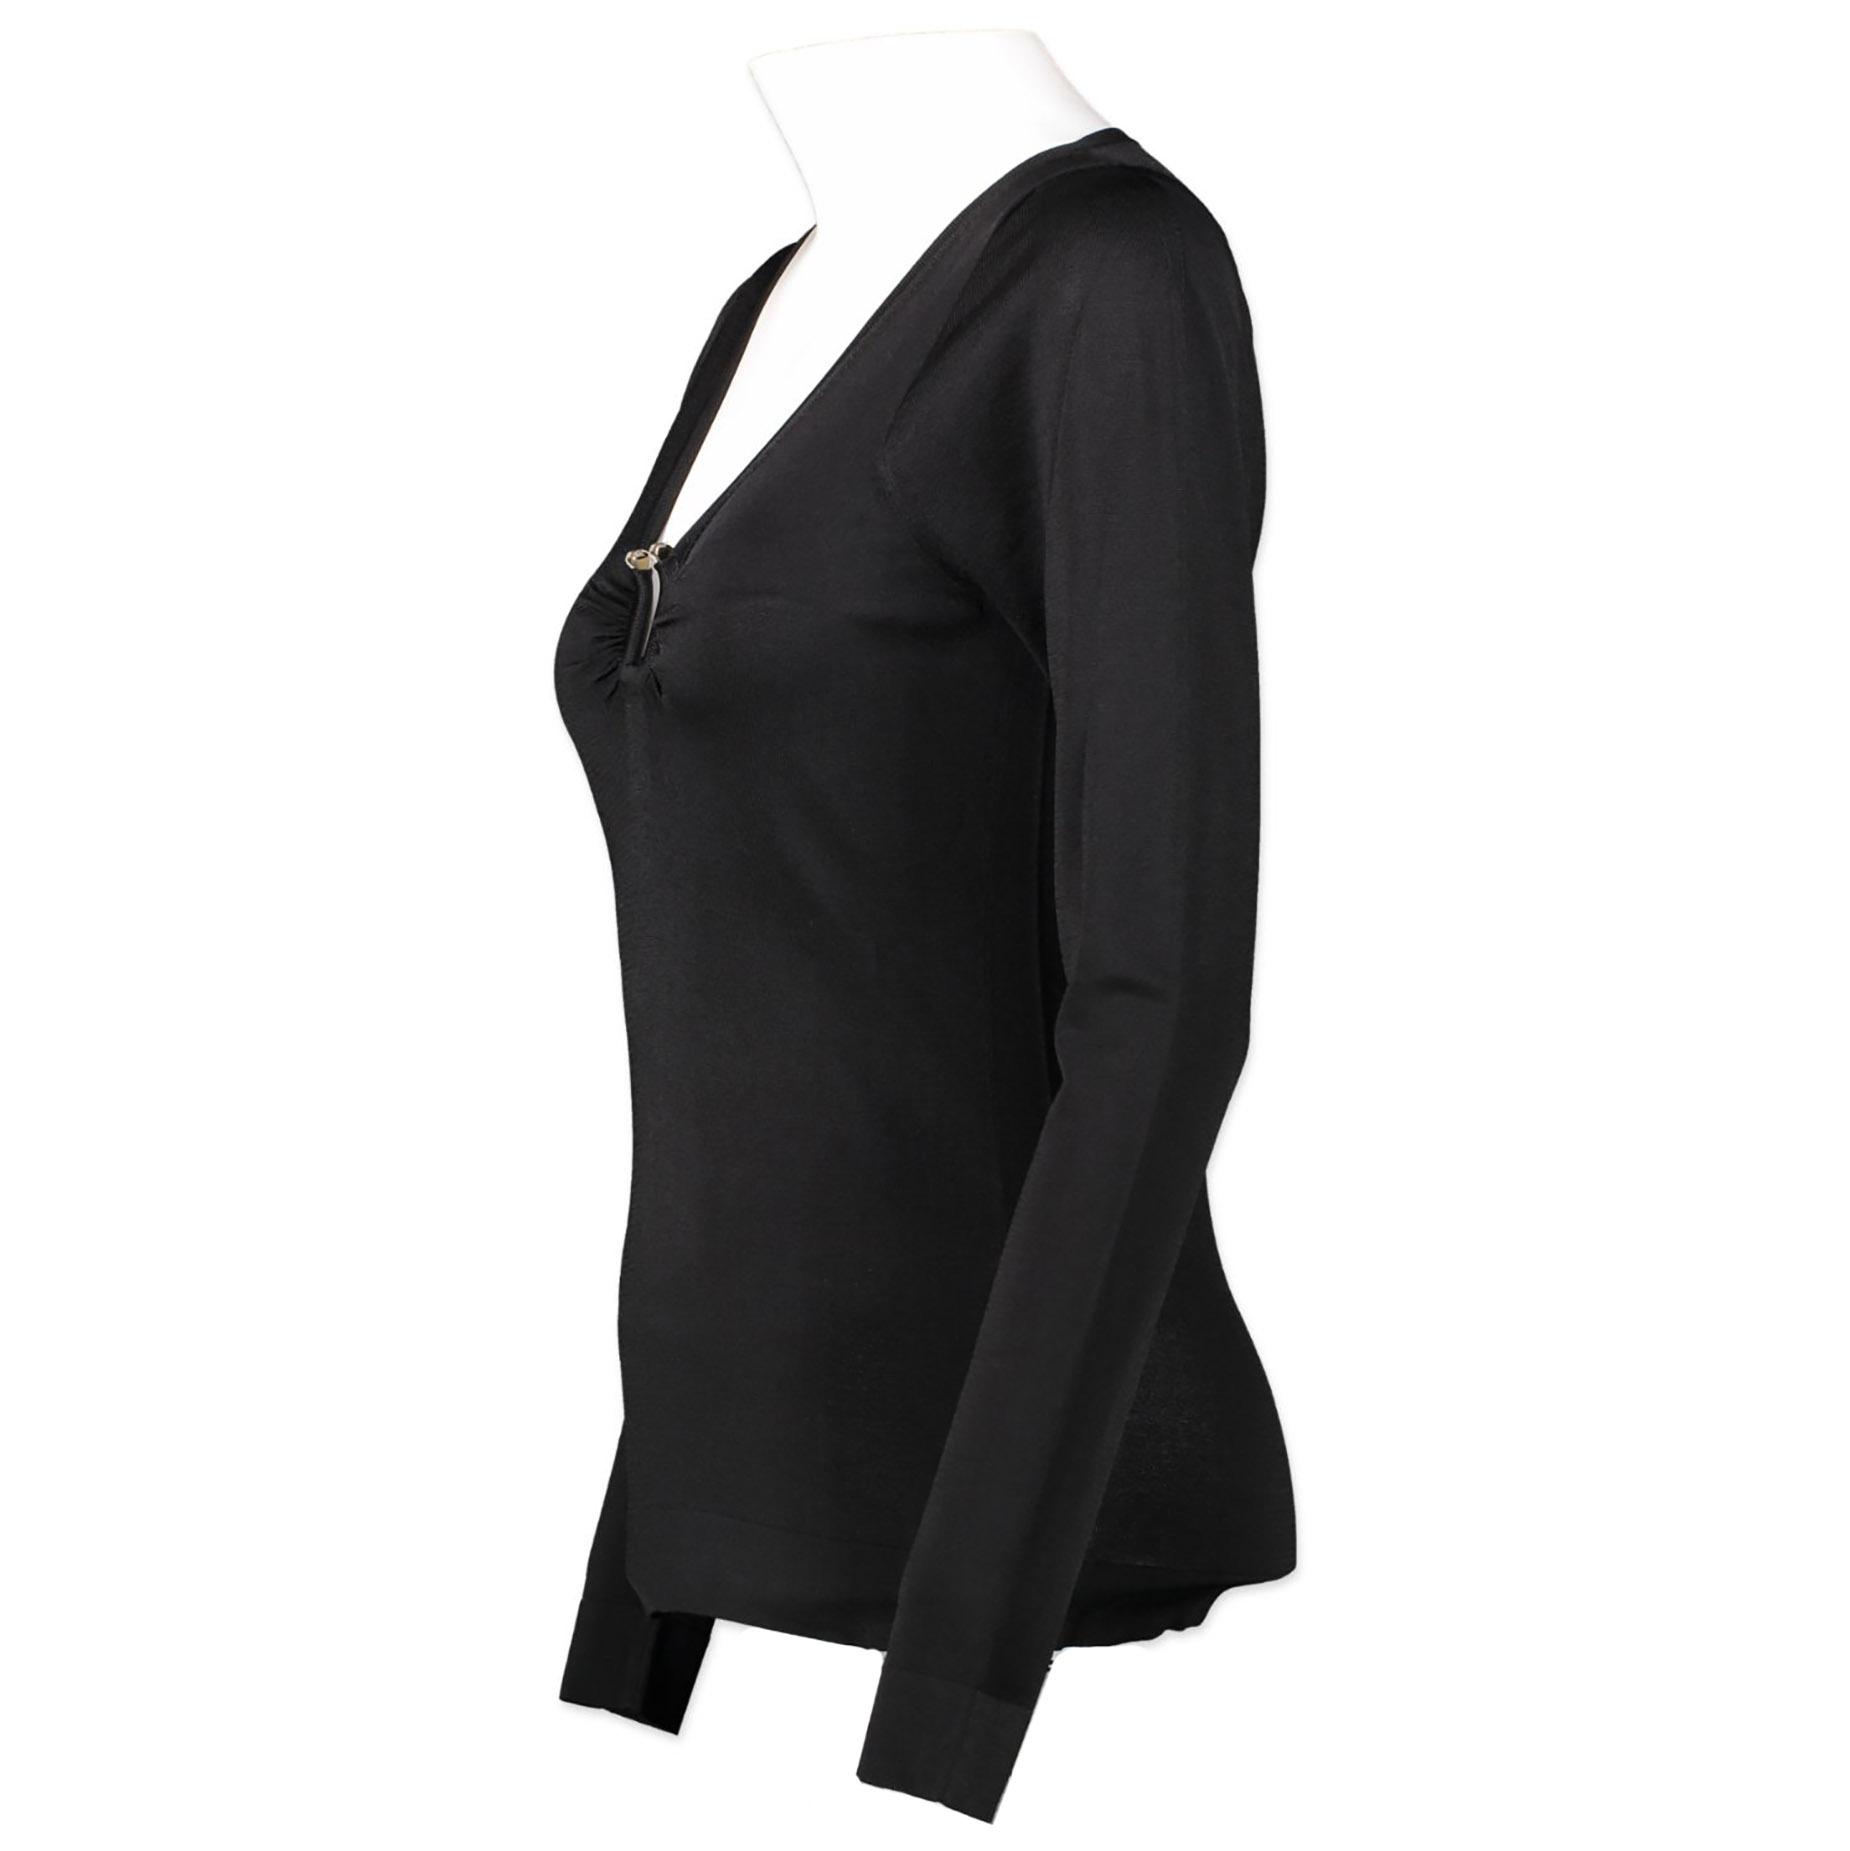 Authentieke Tweedehands Gucci Black Metal Detail Top juiste prijs veilig online winkelen luxe merken webshop Antwerpen België winkelen mode fashion